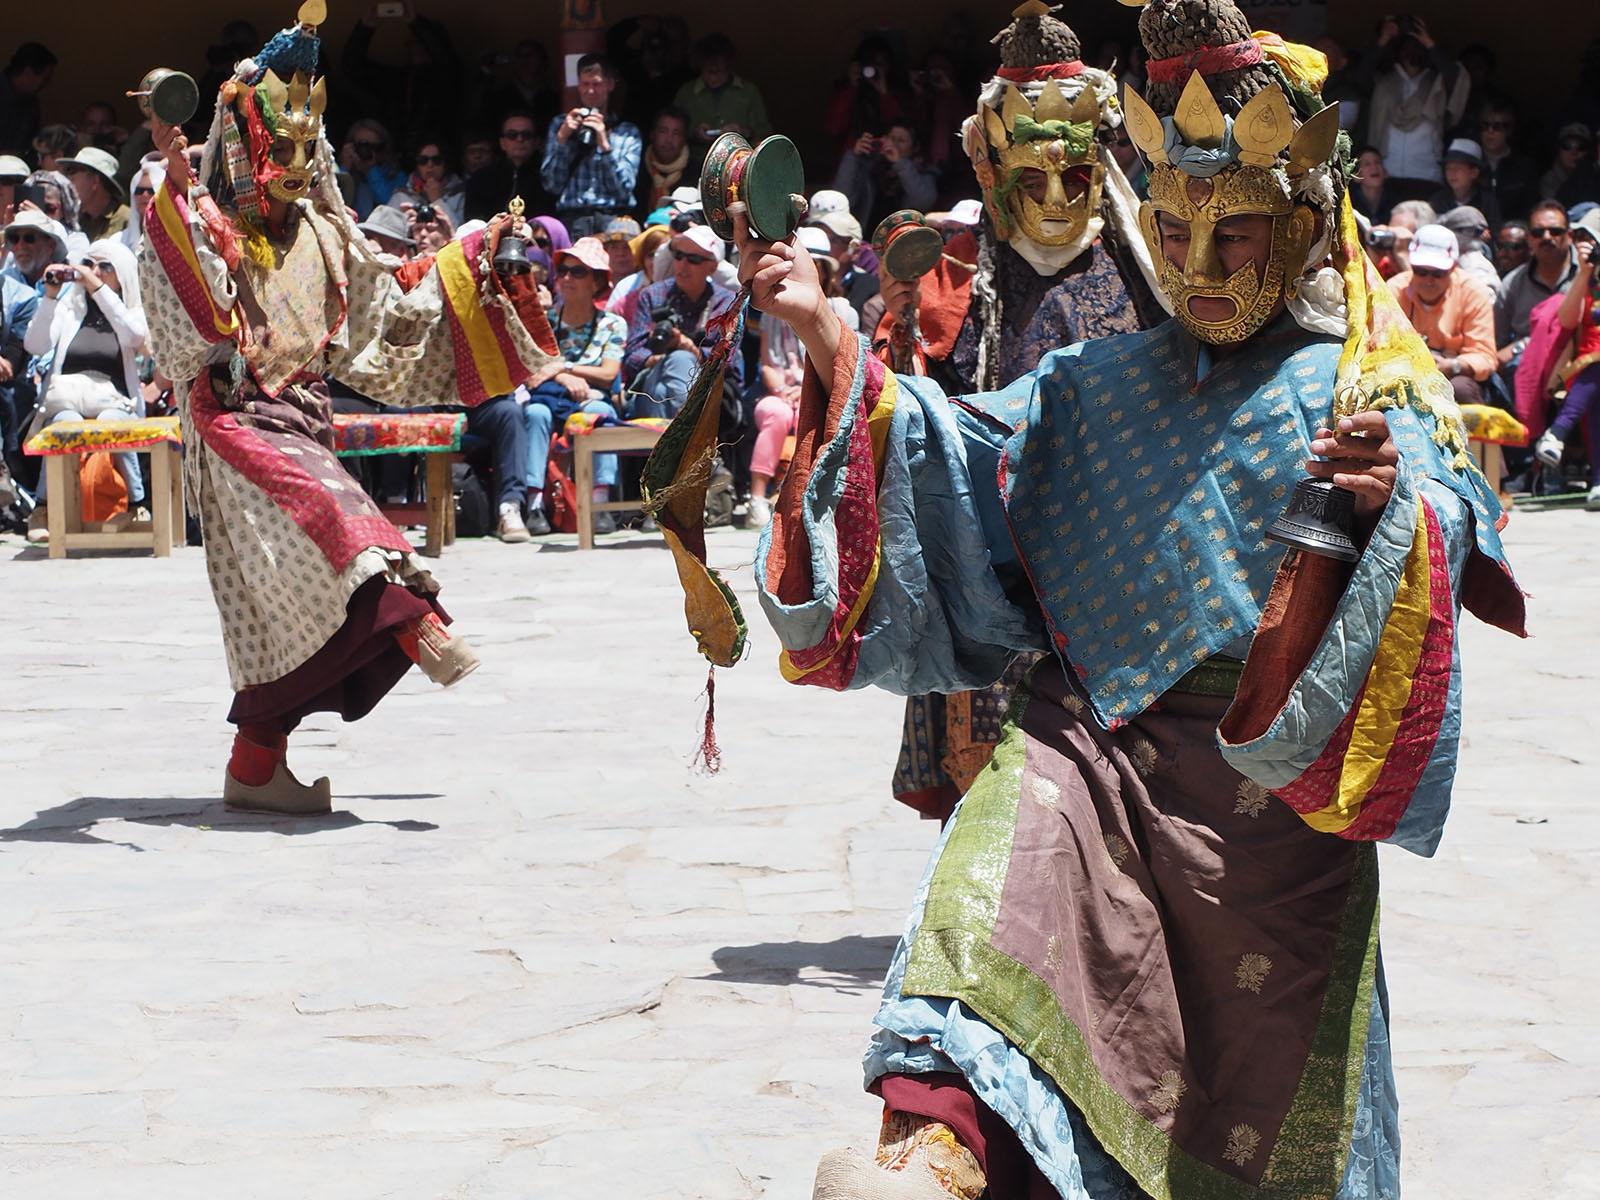 Päev läbi kestval maskitantsu tseremoonial tantsitakse ja lauldakse trummirütmi saatel ette budistlike õpetusi ning nii on mungad läbi aegade kirjaoskamatule külarahvale õpetusi jaganud. Turistidele on maskitantsu tseremooniast  osavõtmist hakatud lubama alles viimastel aastatel.